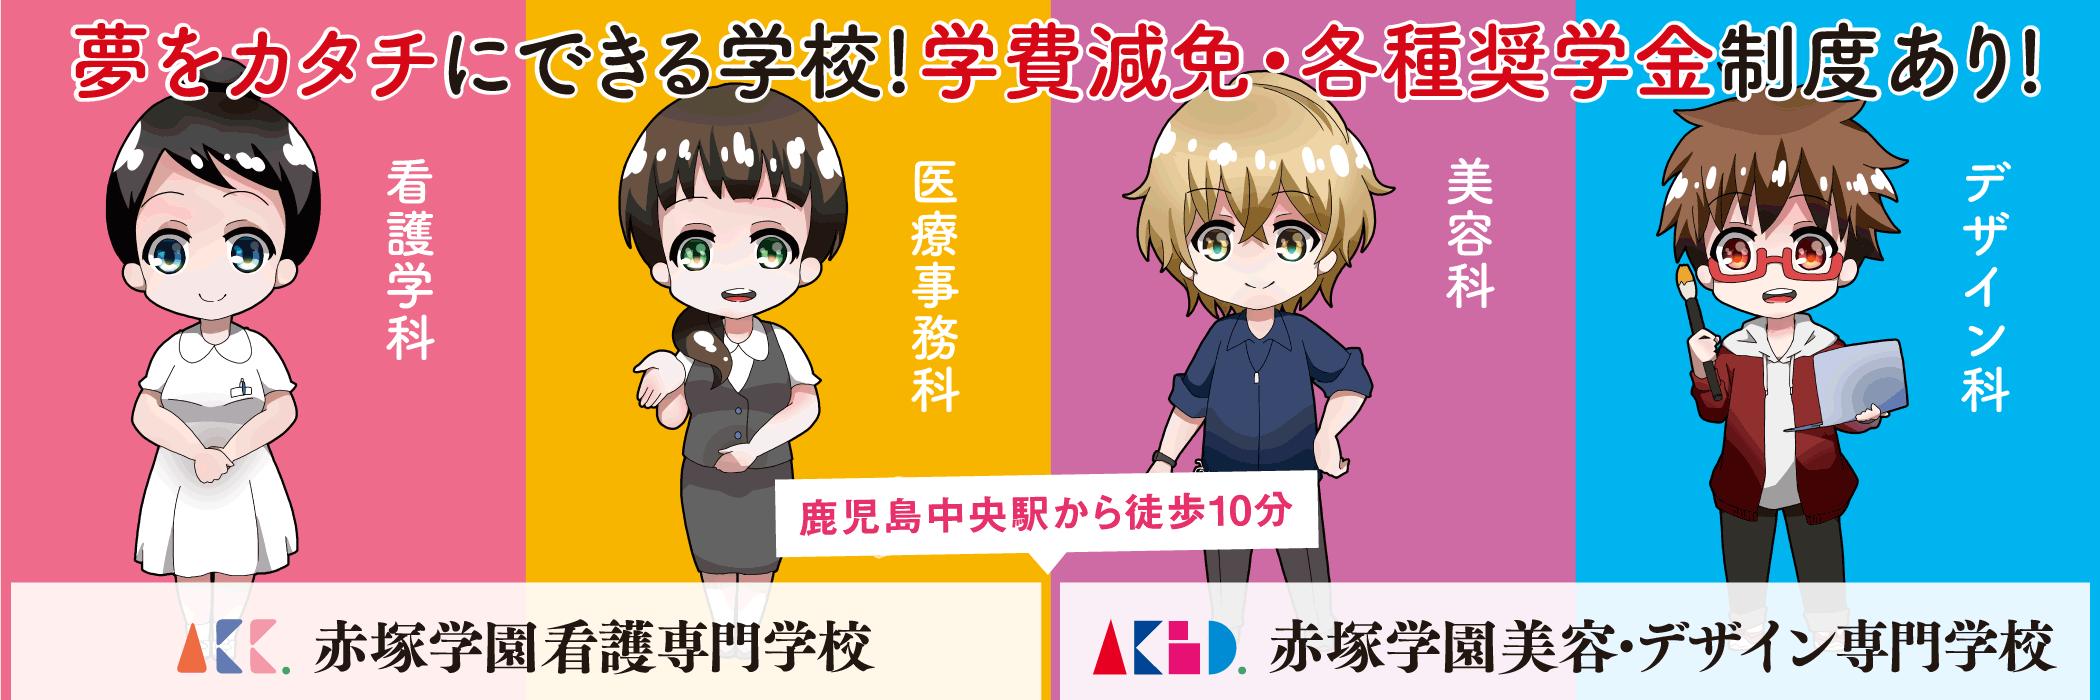 赤塚学園グループ